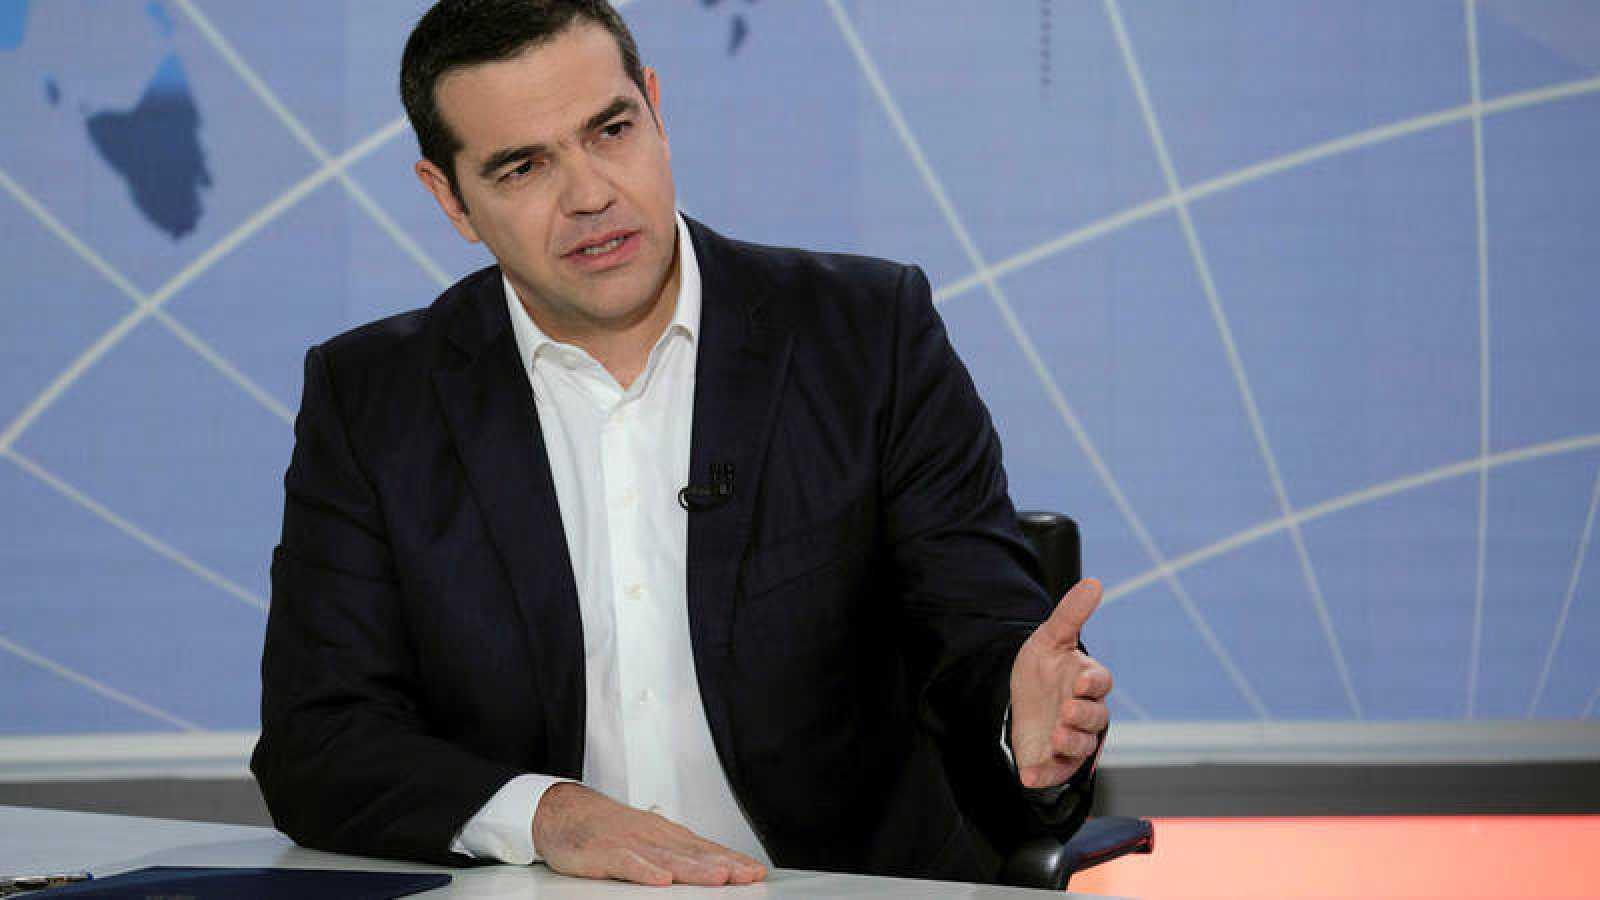 El primer ministro griego, Alexis Tsipras, anuncia la ruptura con su socio de gobierno